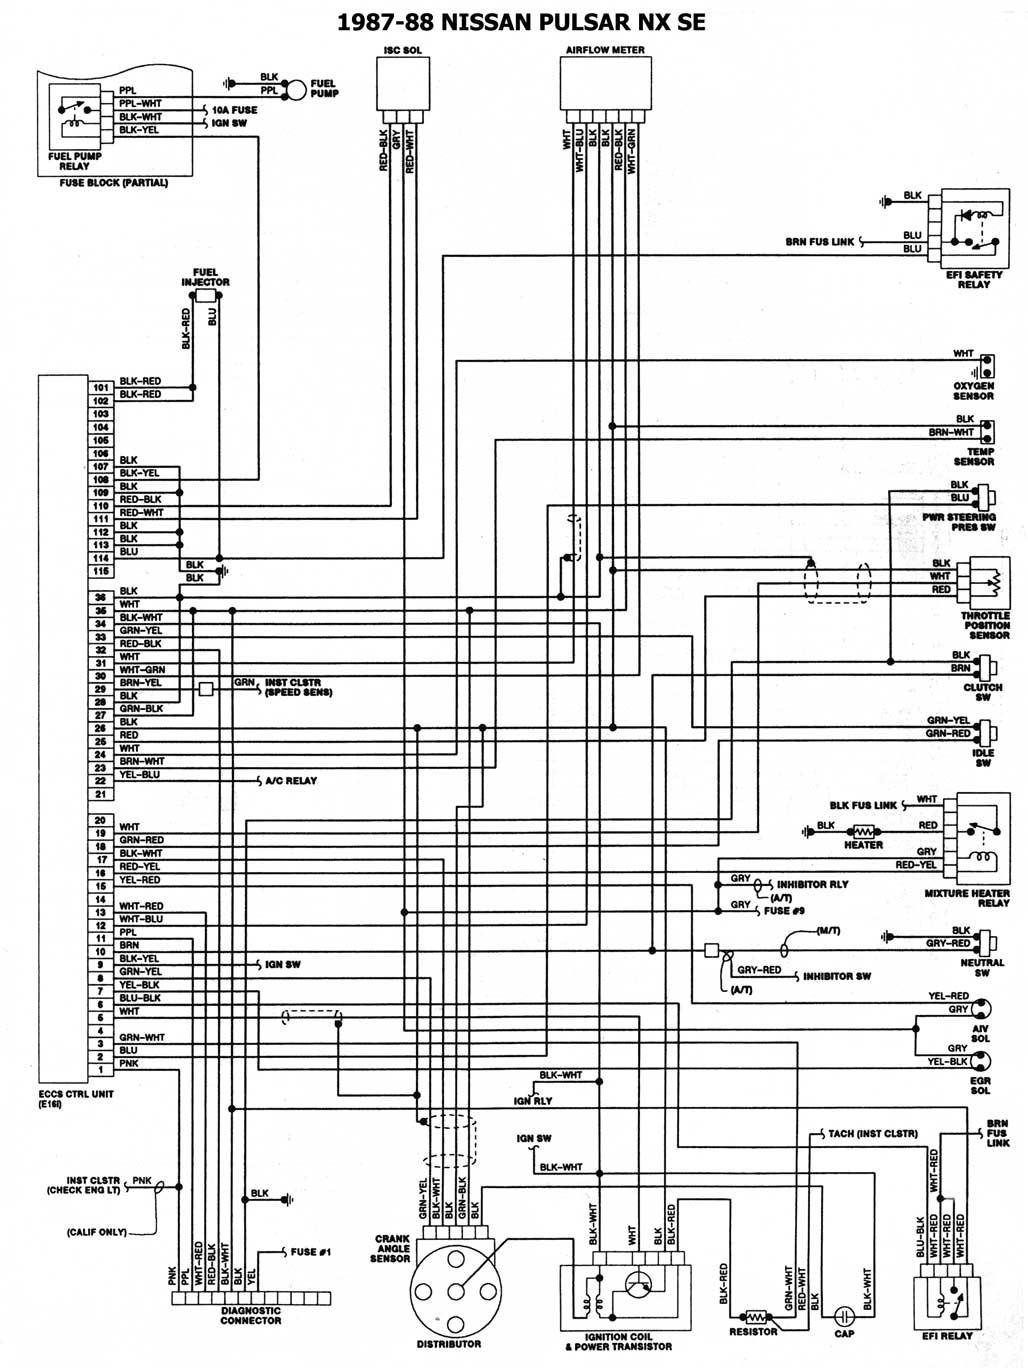 diagrama tipico caja de fusibles car pictures